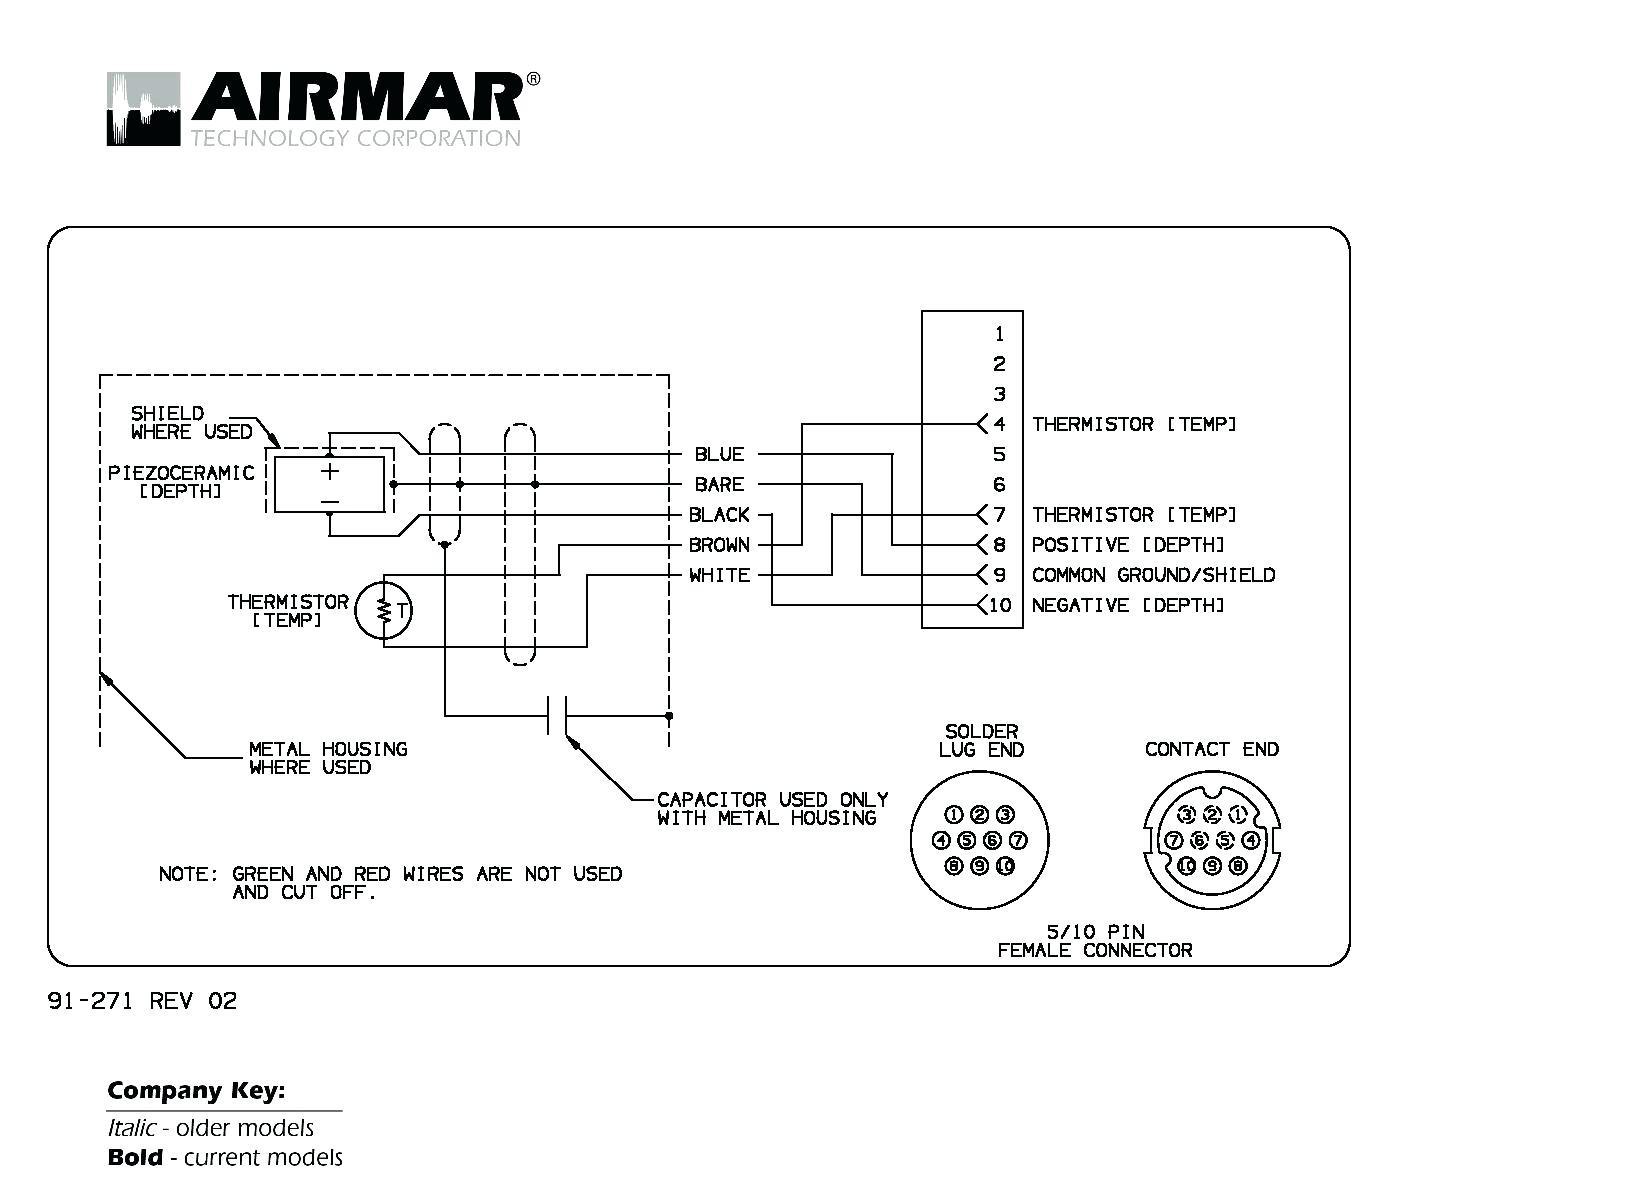 garmin 3210 wiring diagram wiring diagram article  garmin 3205 wiring diagram #8